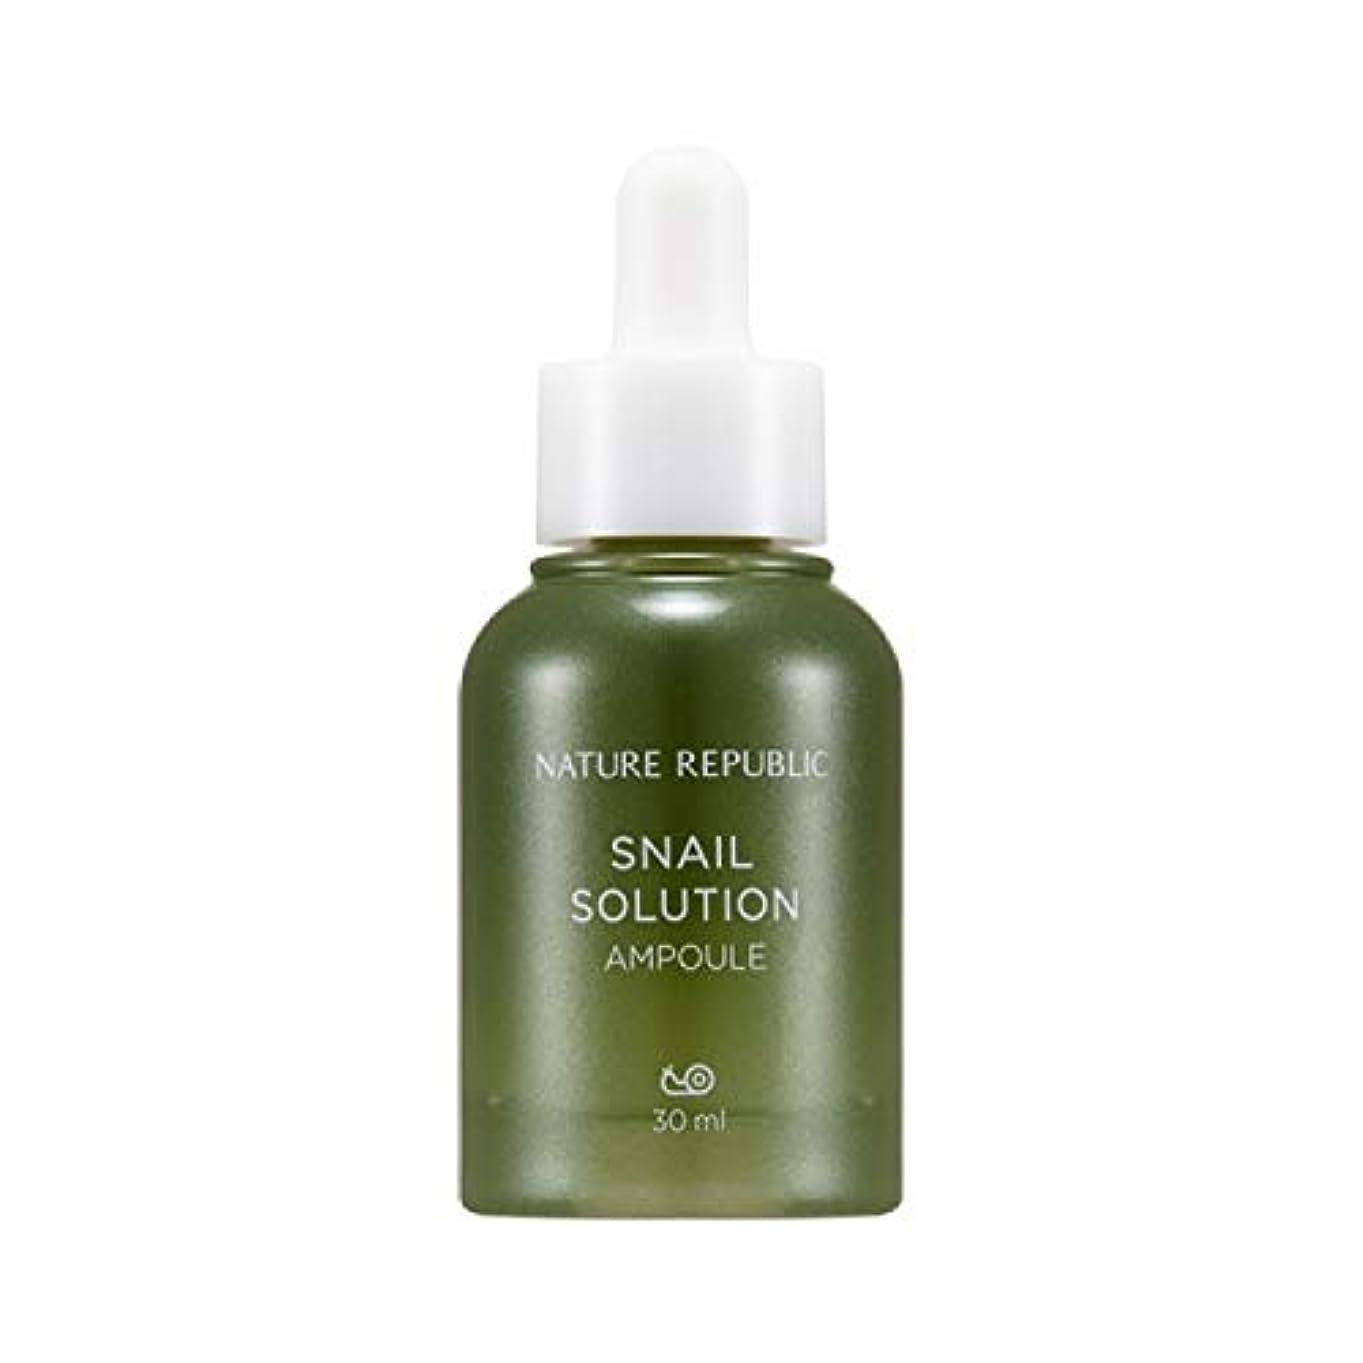 チャーミング乱用プライムネイチャーリパブリック(Nature Republic)カタツムリソリューションアンプル 30ml / Snail Solution Ampoule 30ml :: 韓国コスメ [並行輸入品]